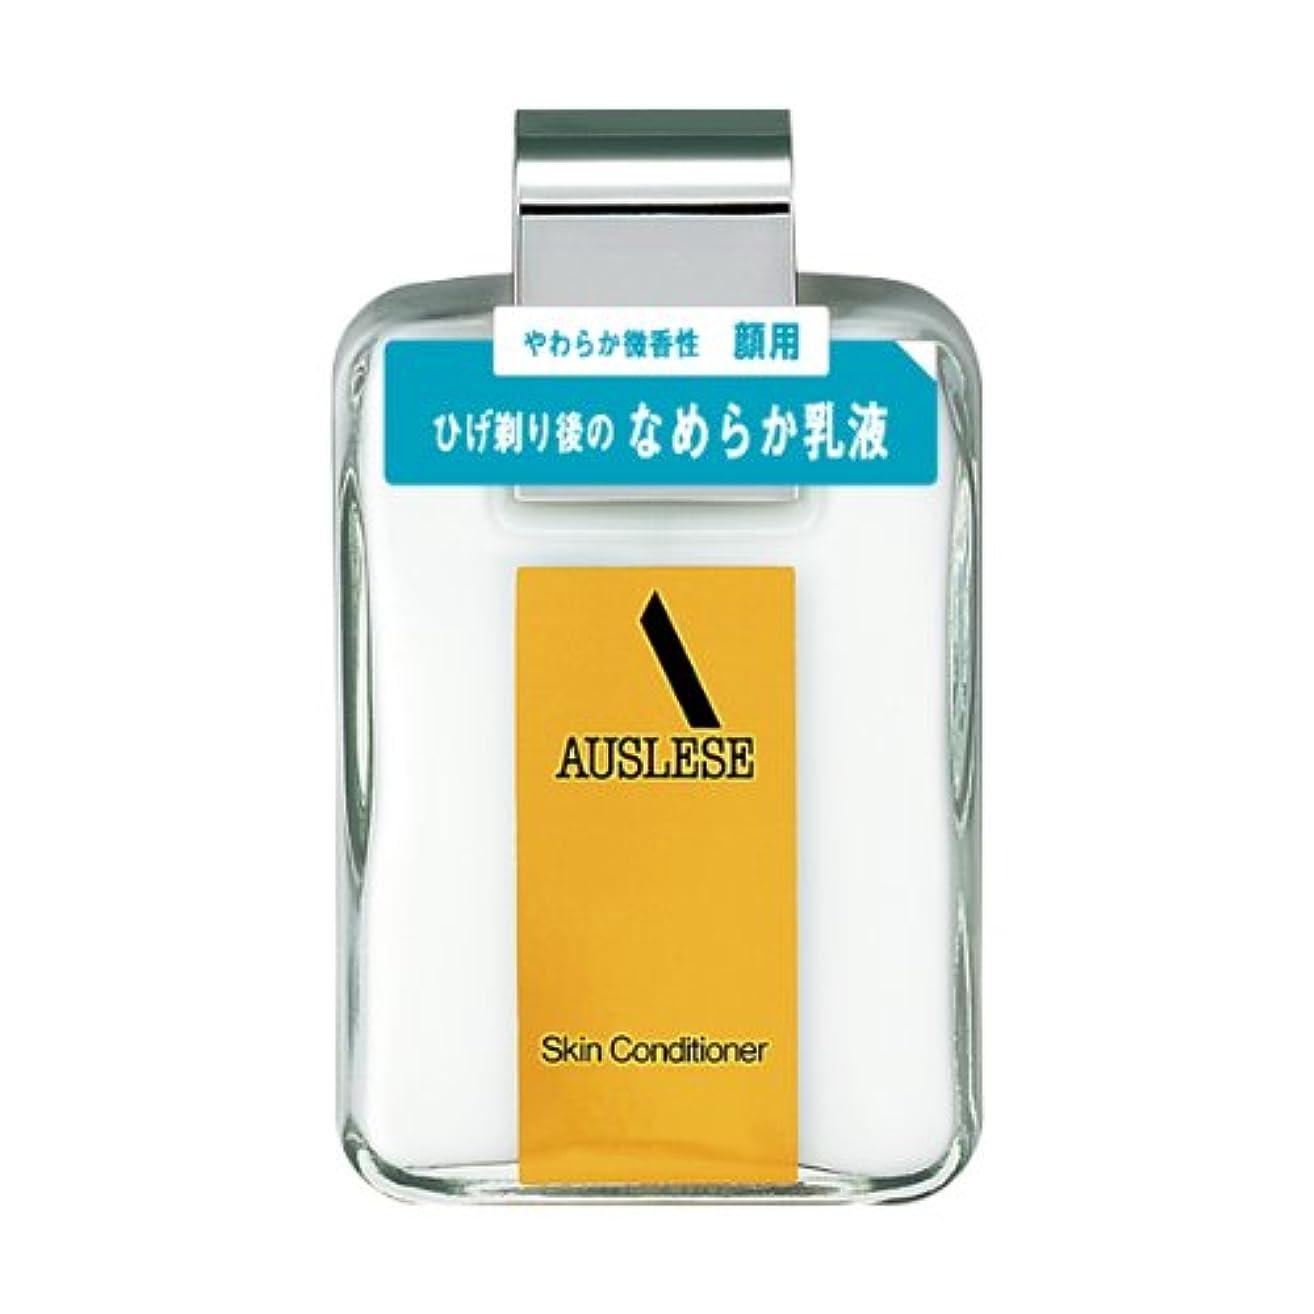 豊富偏心安心アウスレーゼ スキンコンディショナーNA 120mL 【医薬部外品】